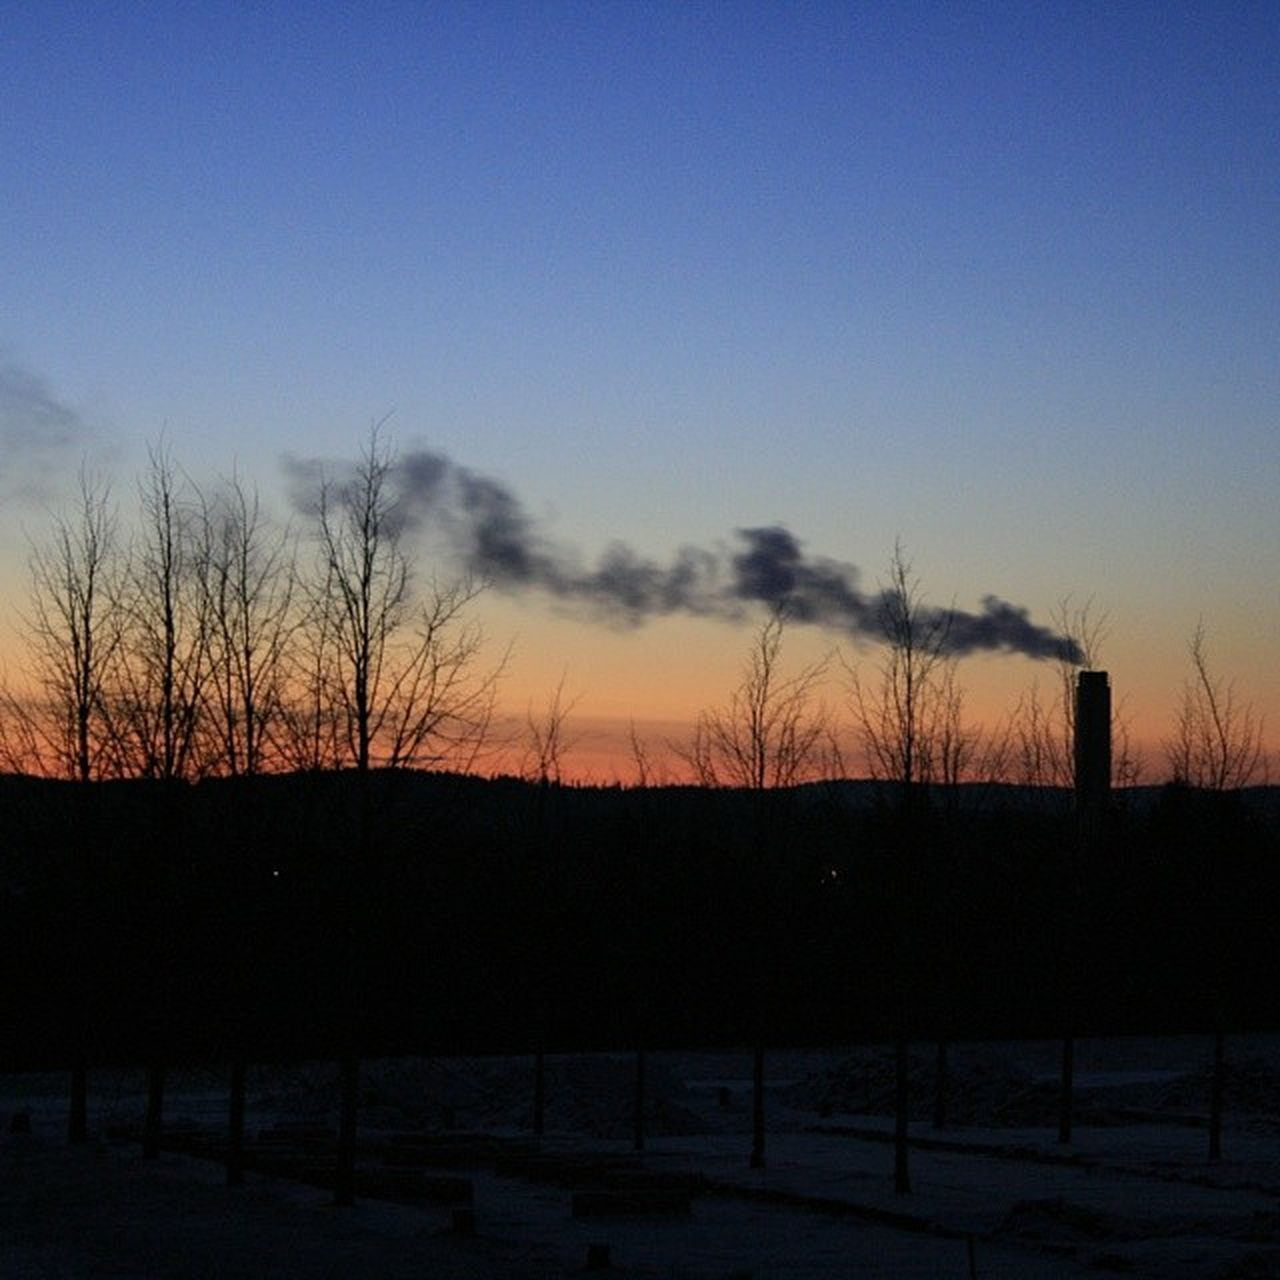 Ilovenorway Ilovenorway_akershus Follo   ås worldunion wu_norway winter frost skyline evening chimney smokestack canon 400d sunset